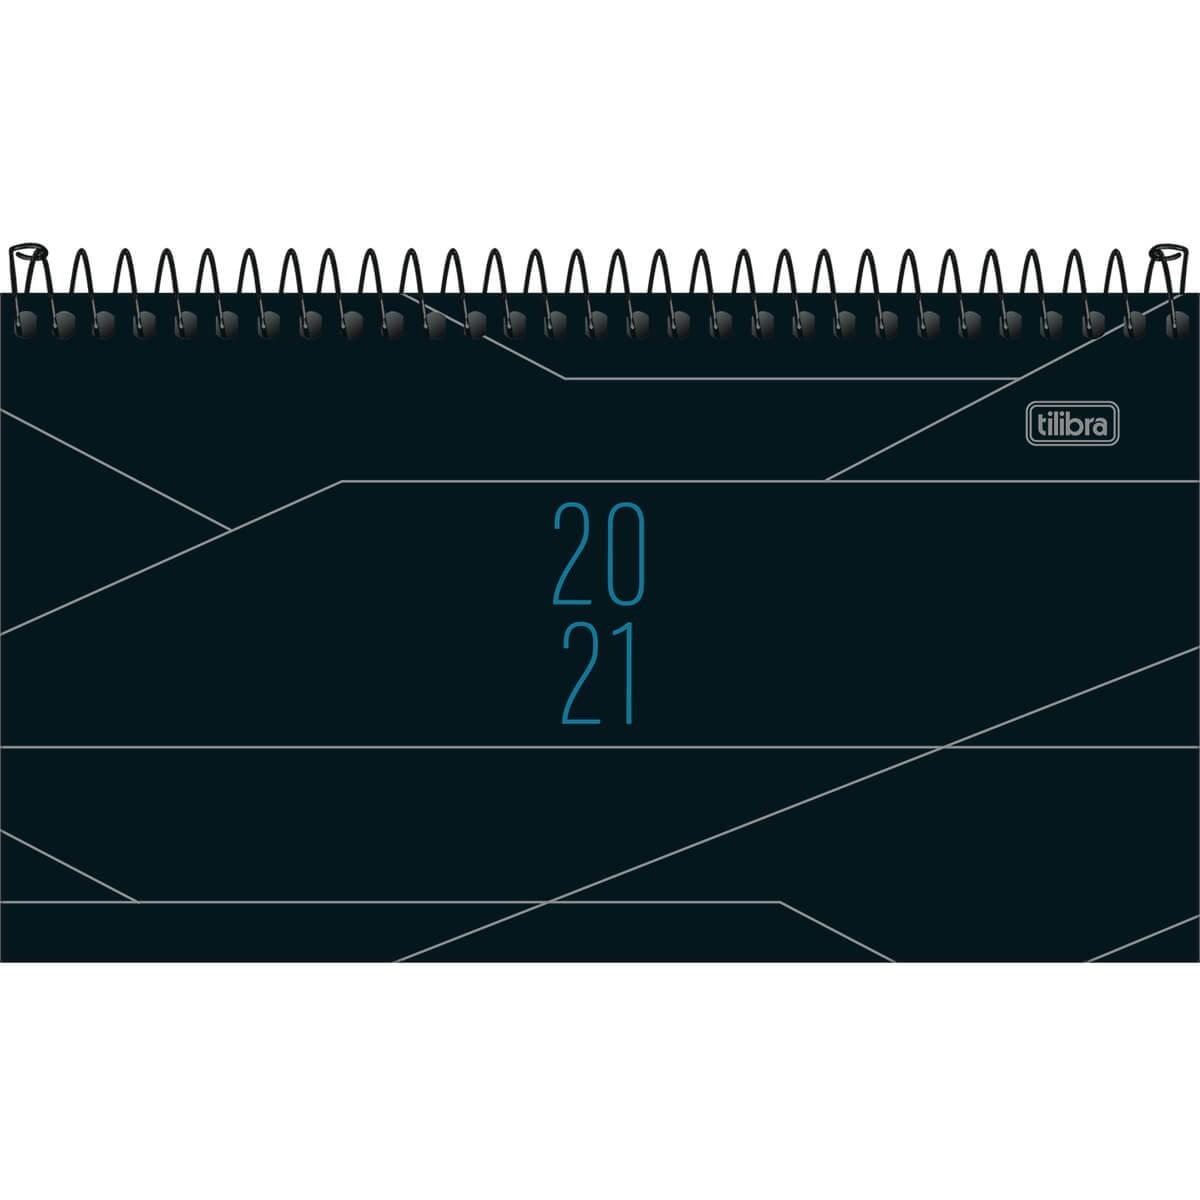 Agenda Tilibra 2021 Executiva Diaria Spot de Bolso Masculina Preta 141887 29461